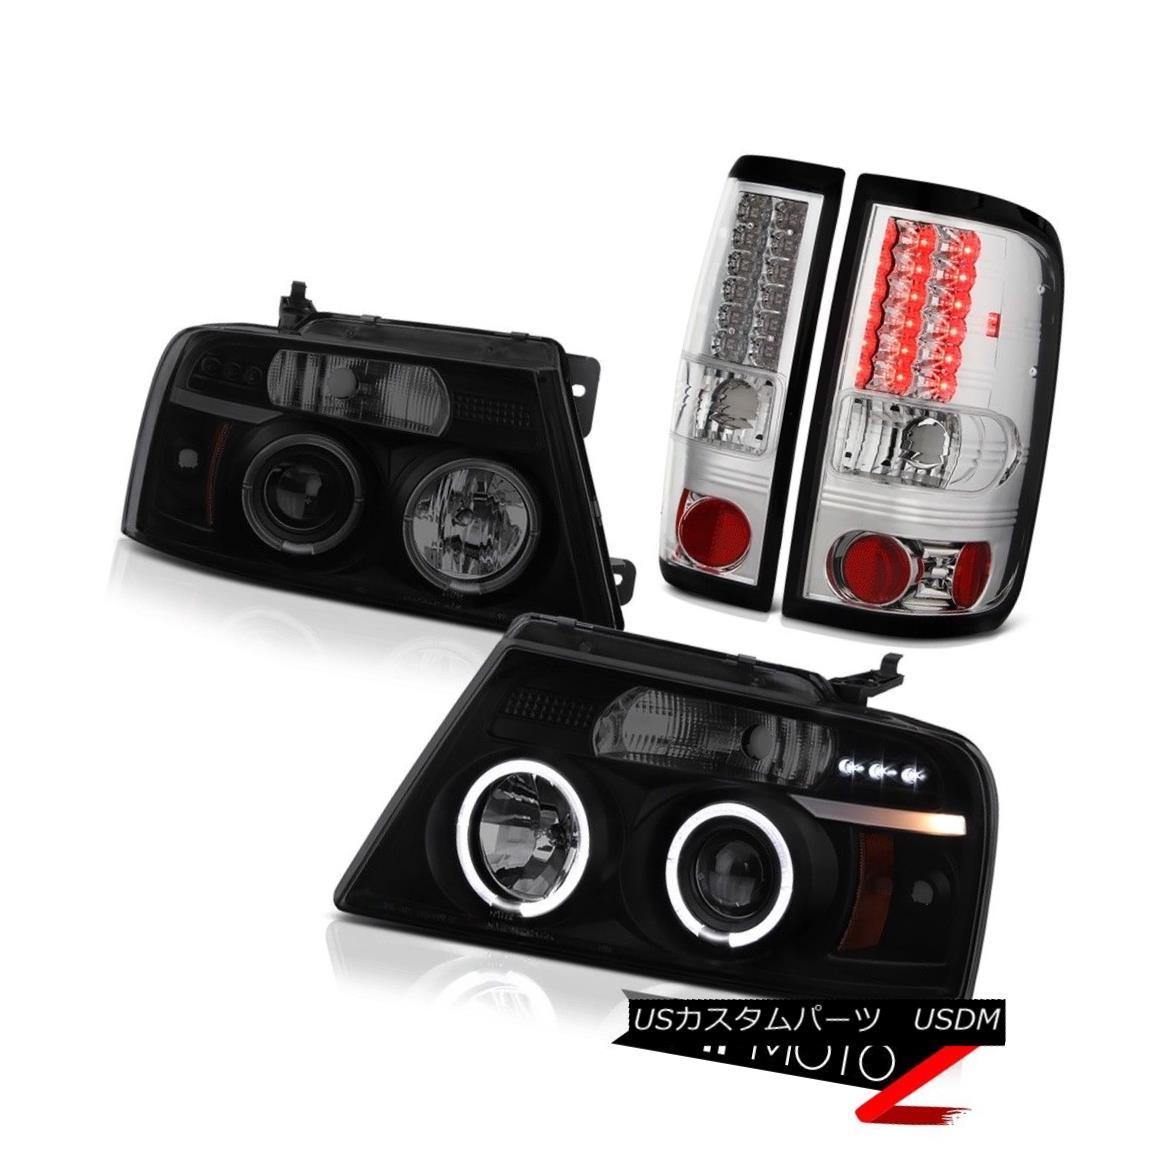 ヘッドライト 2004-2008 Ford F150 Lobo 2X Angel Eye Projector Headlights Bright LED Tail Light 2004-2008フォードF150ロボ2Xエンジェルアイプロジェクターヘッドライト明るいLEDテールライト